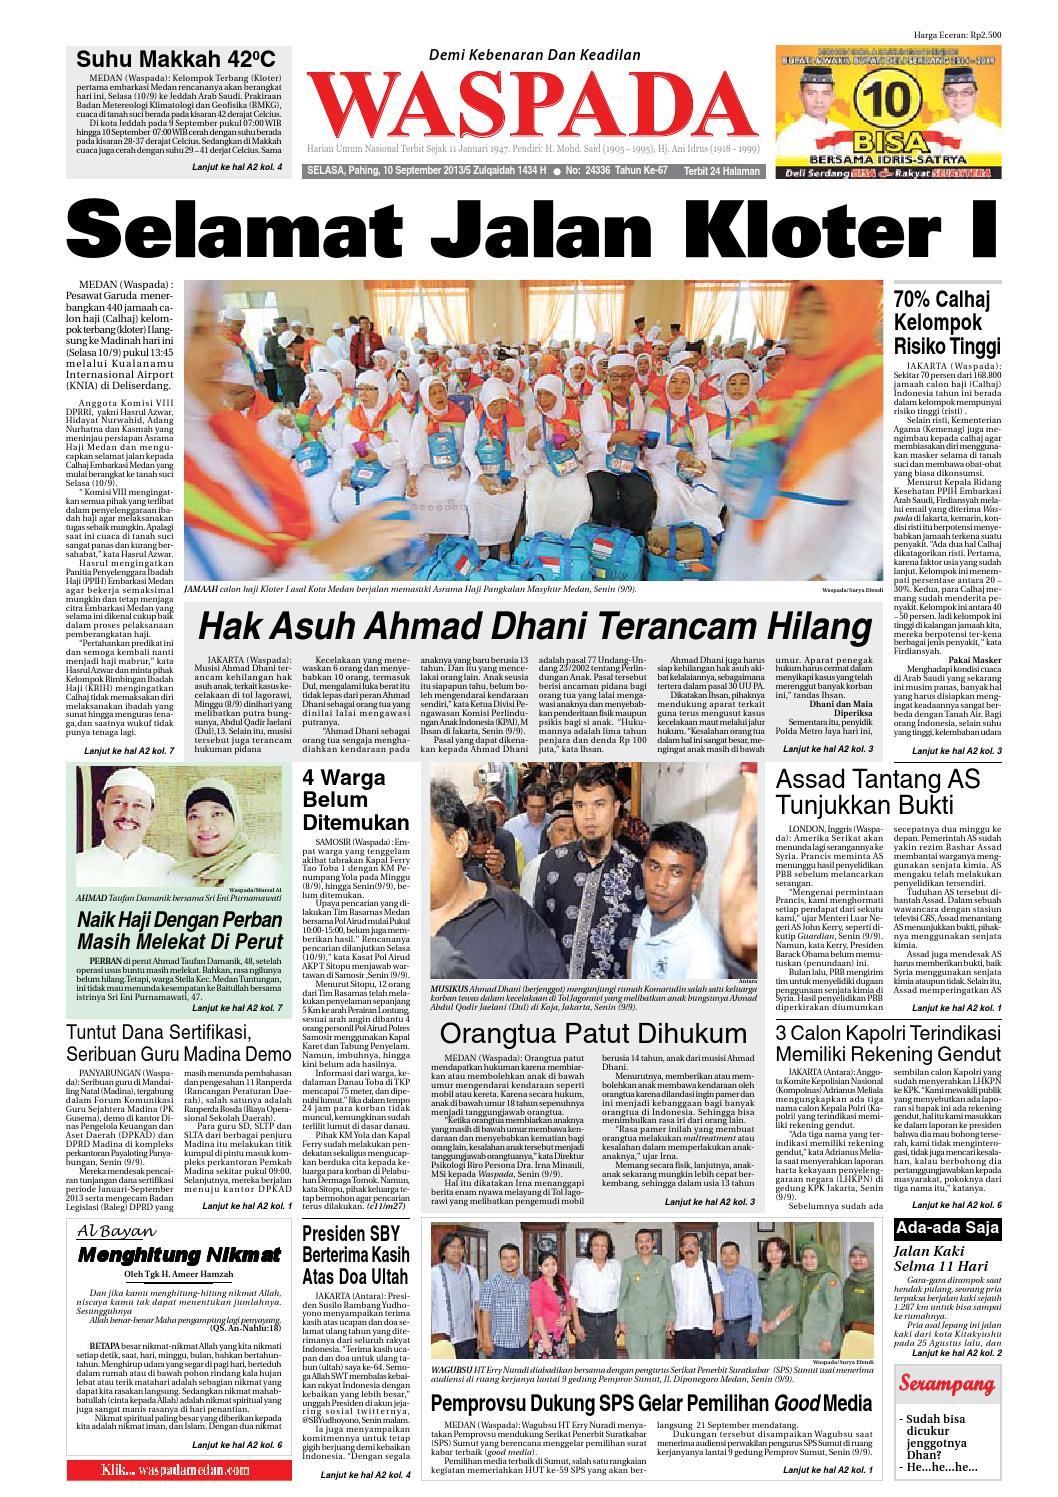 Waspada Selasa 10 September 2013 By Harian Waspada Issuu